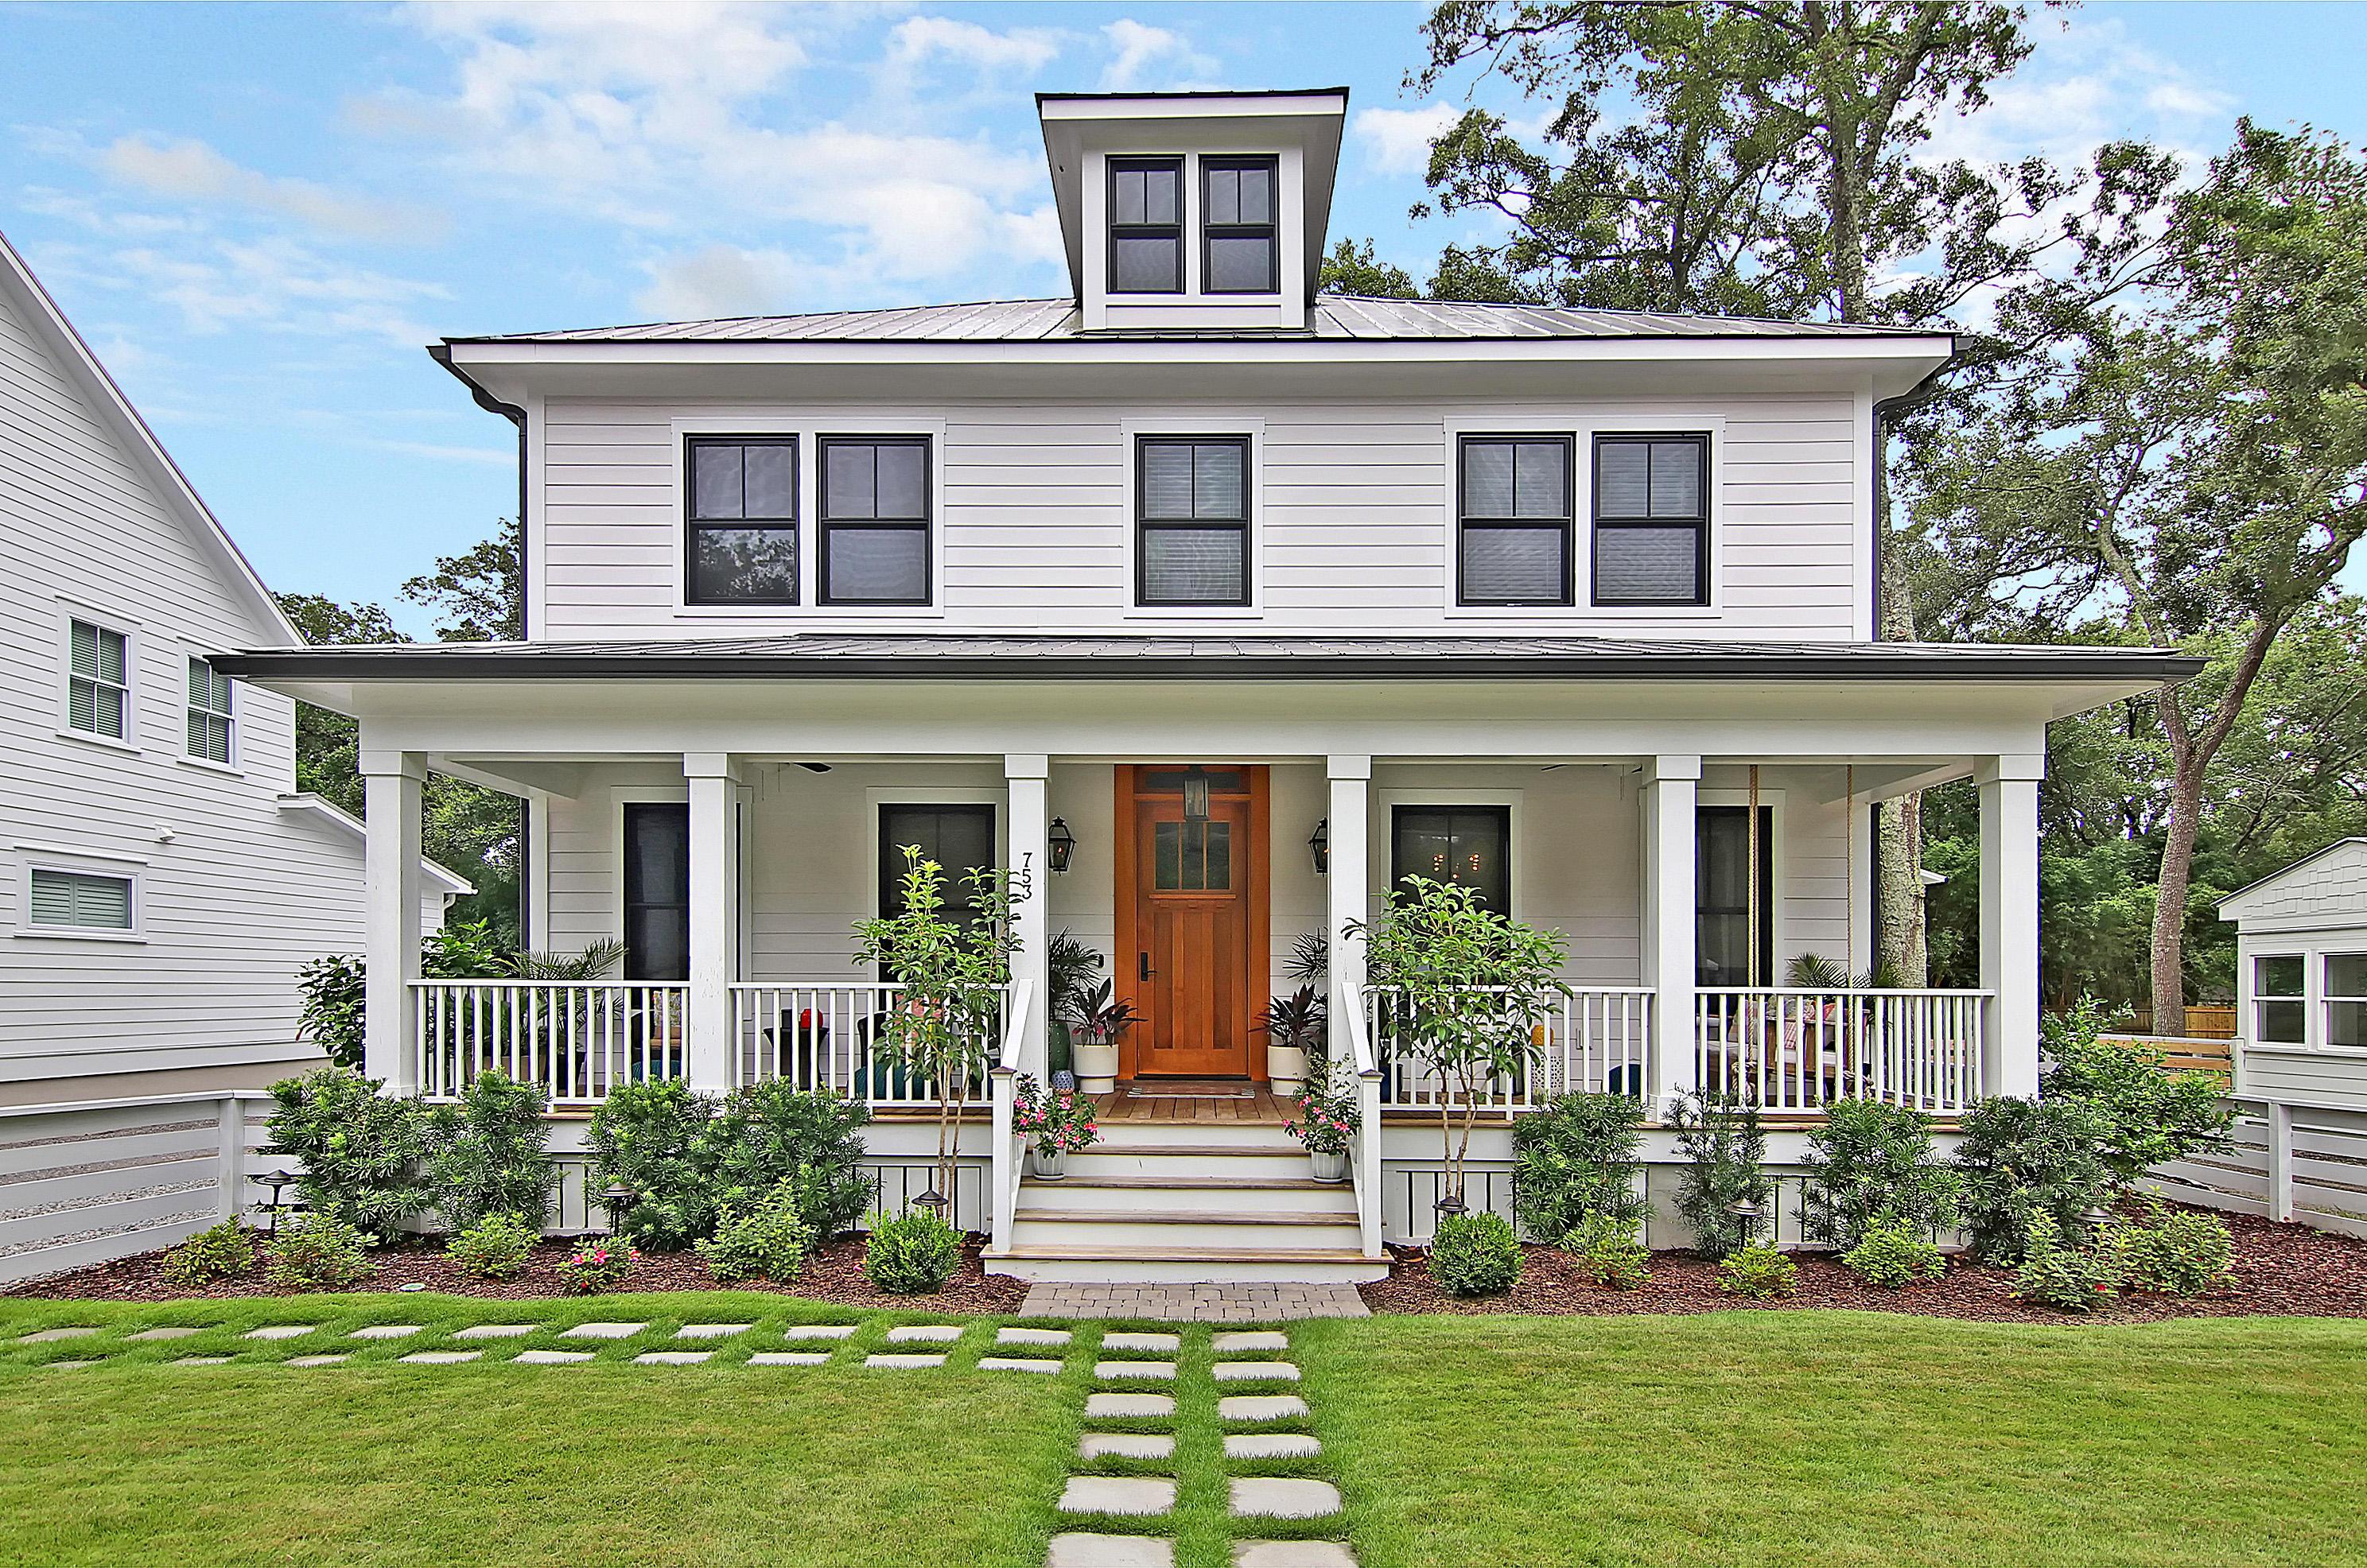 Old Mt Pleasant Homes For Sale - 753 Mccants, Mount Pleasant, SC - 26